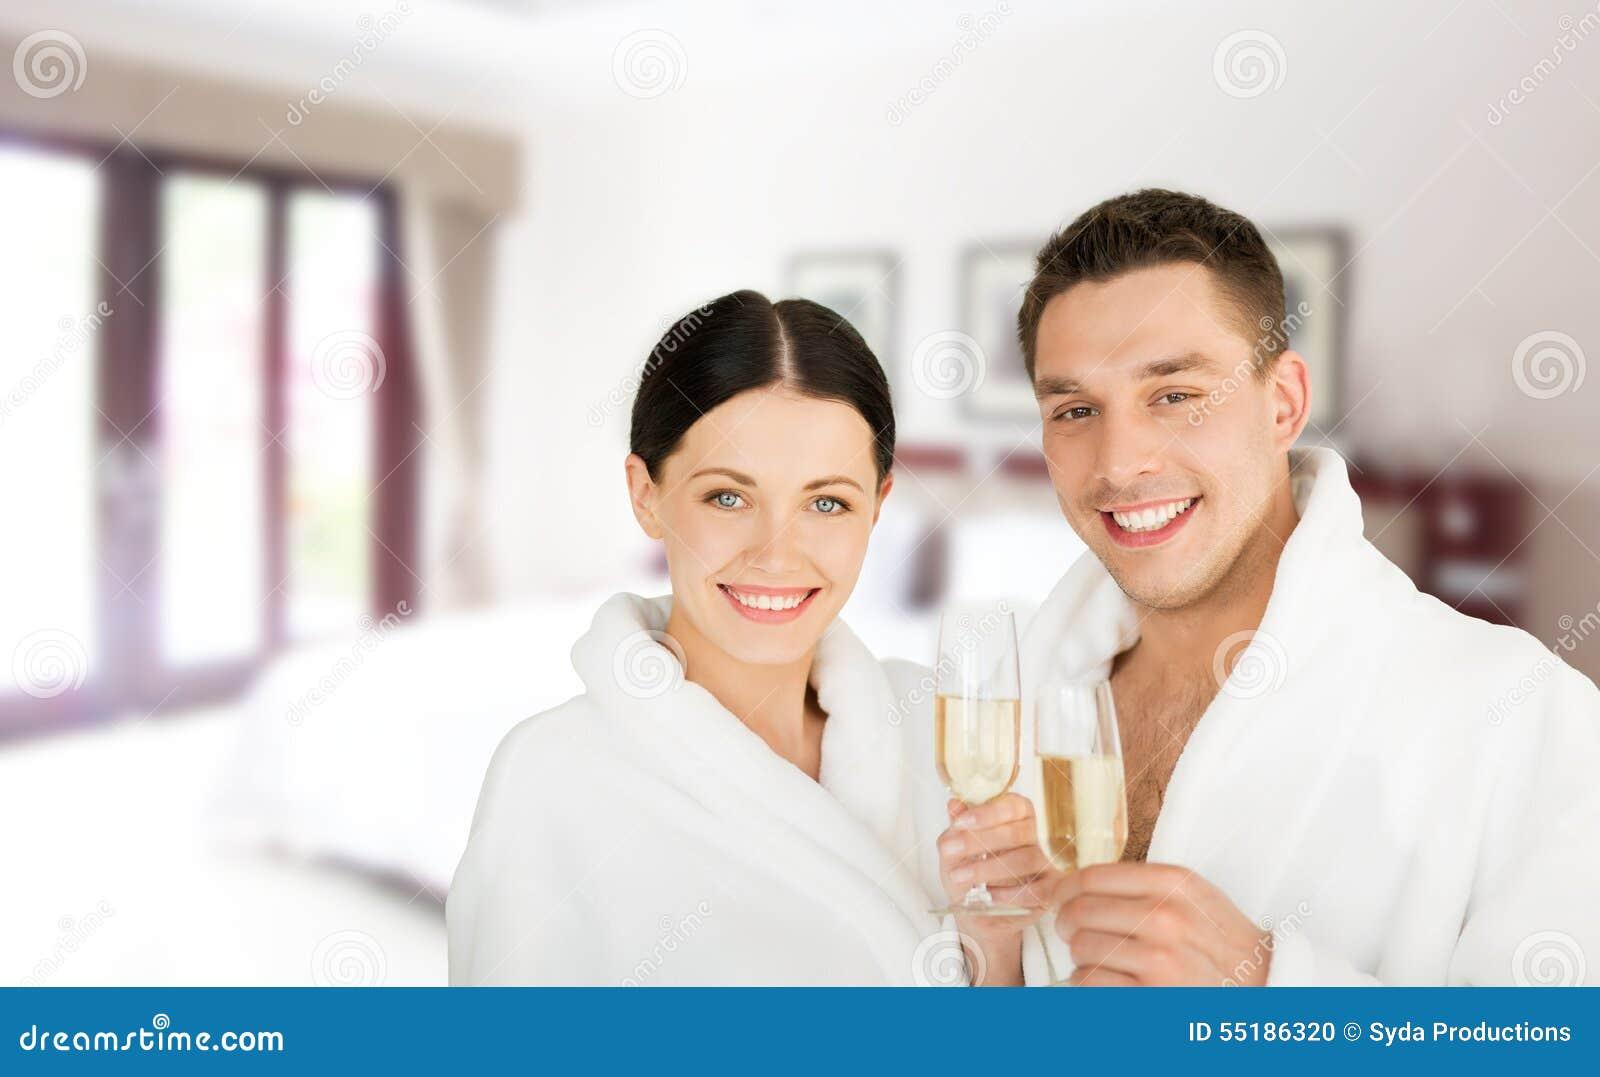 Услуга семейным парам в петербурге, Проститутки для семейной пары, индивидуалки Питера 20 фотография